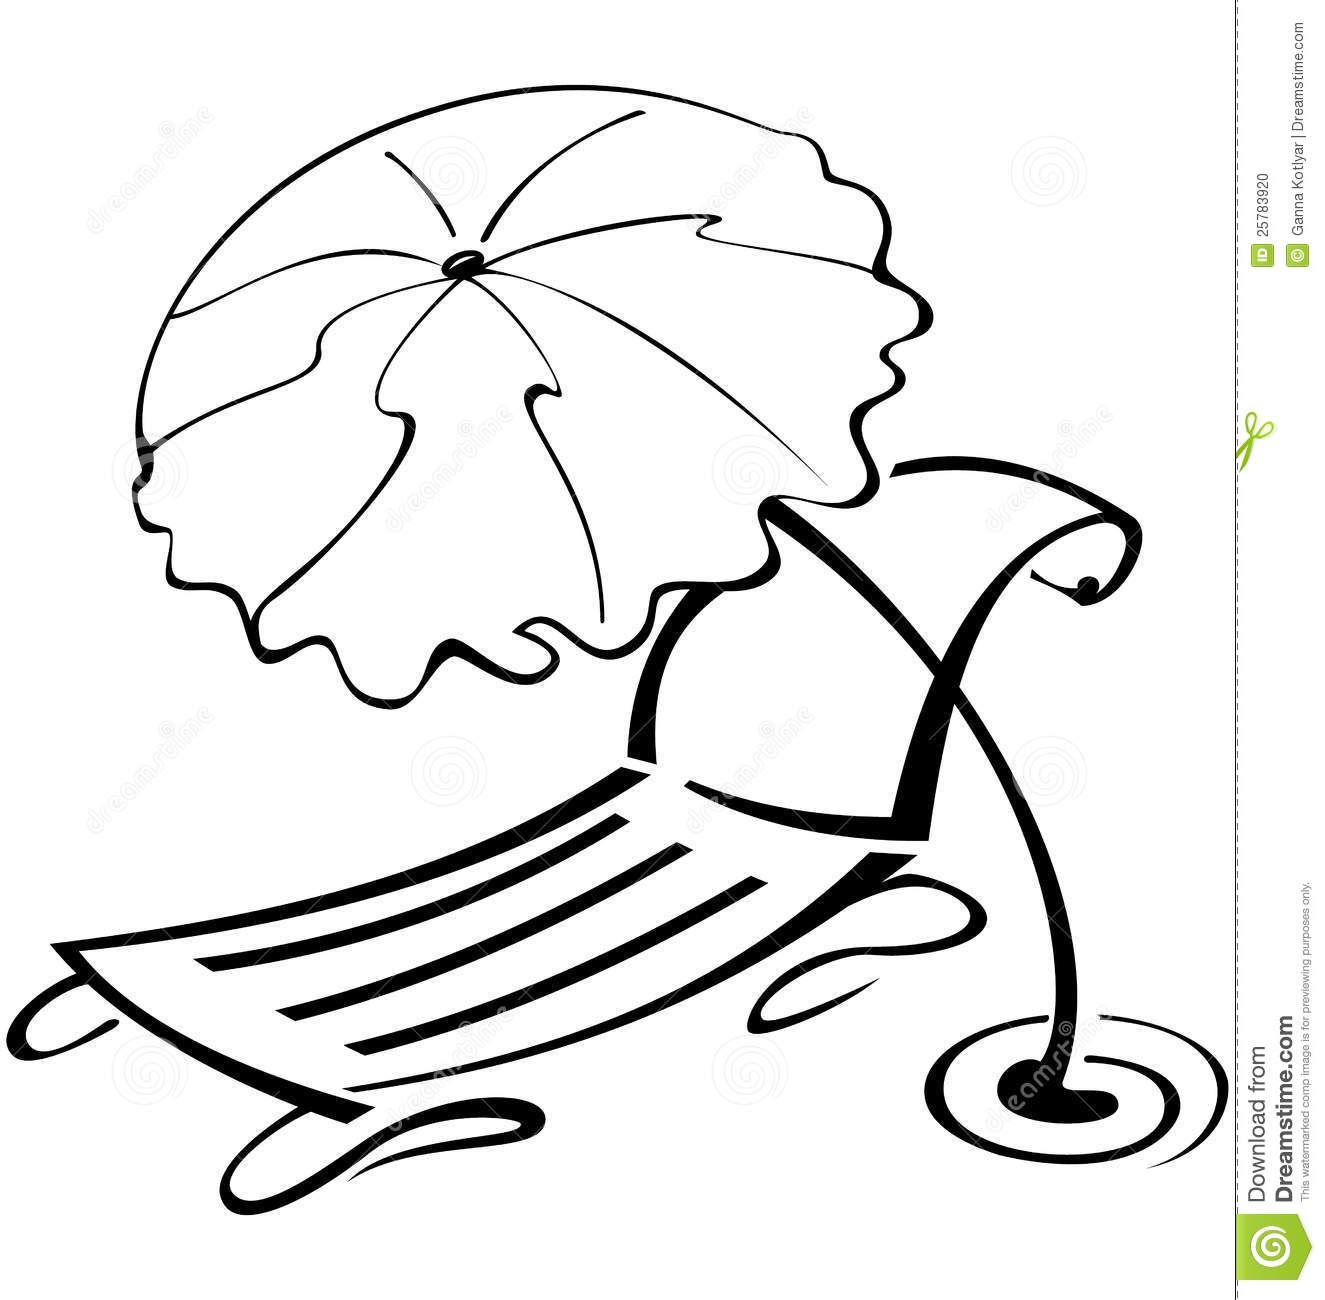 Beach chair and umbrella sketch - Beach 20umbrella 20clipart 20black 20and 20white